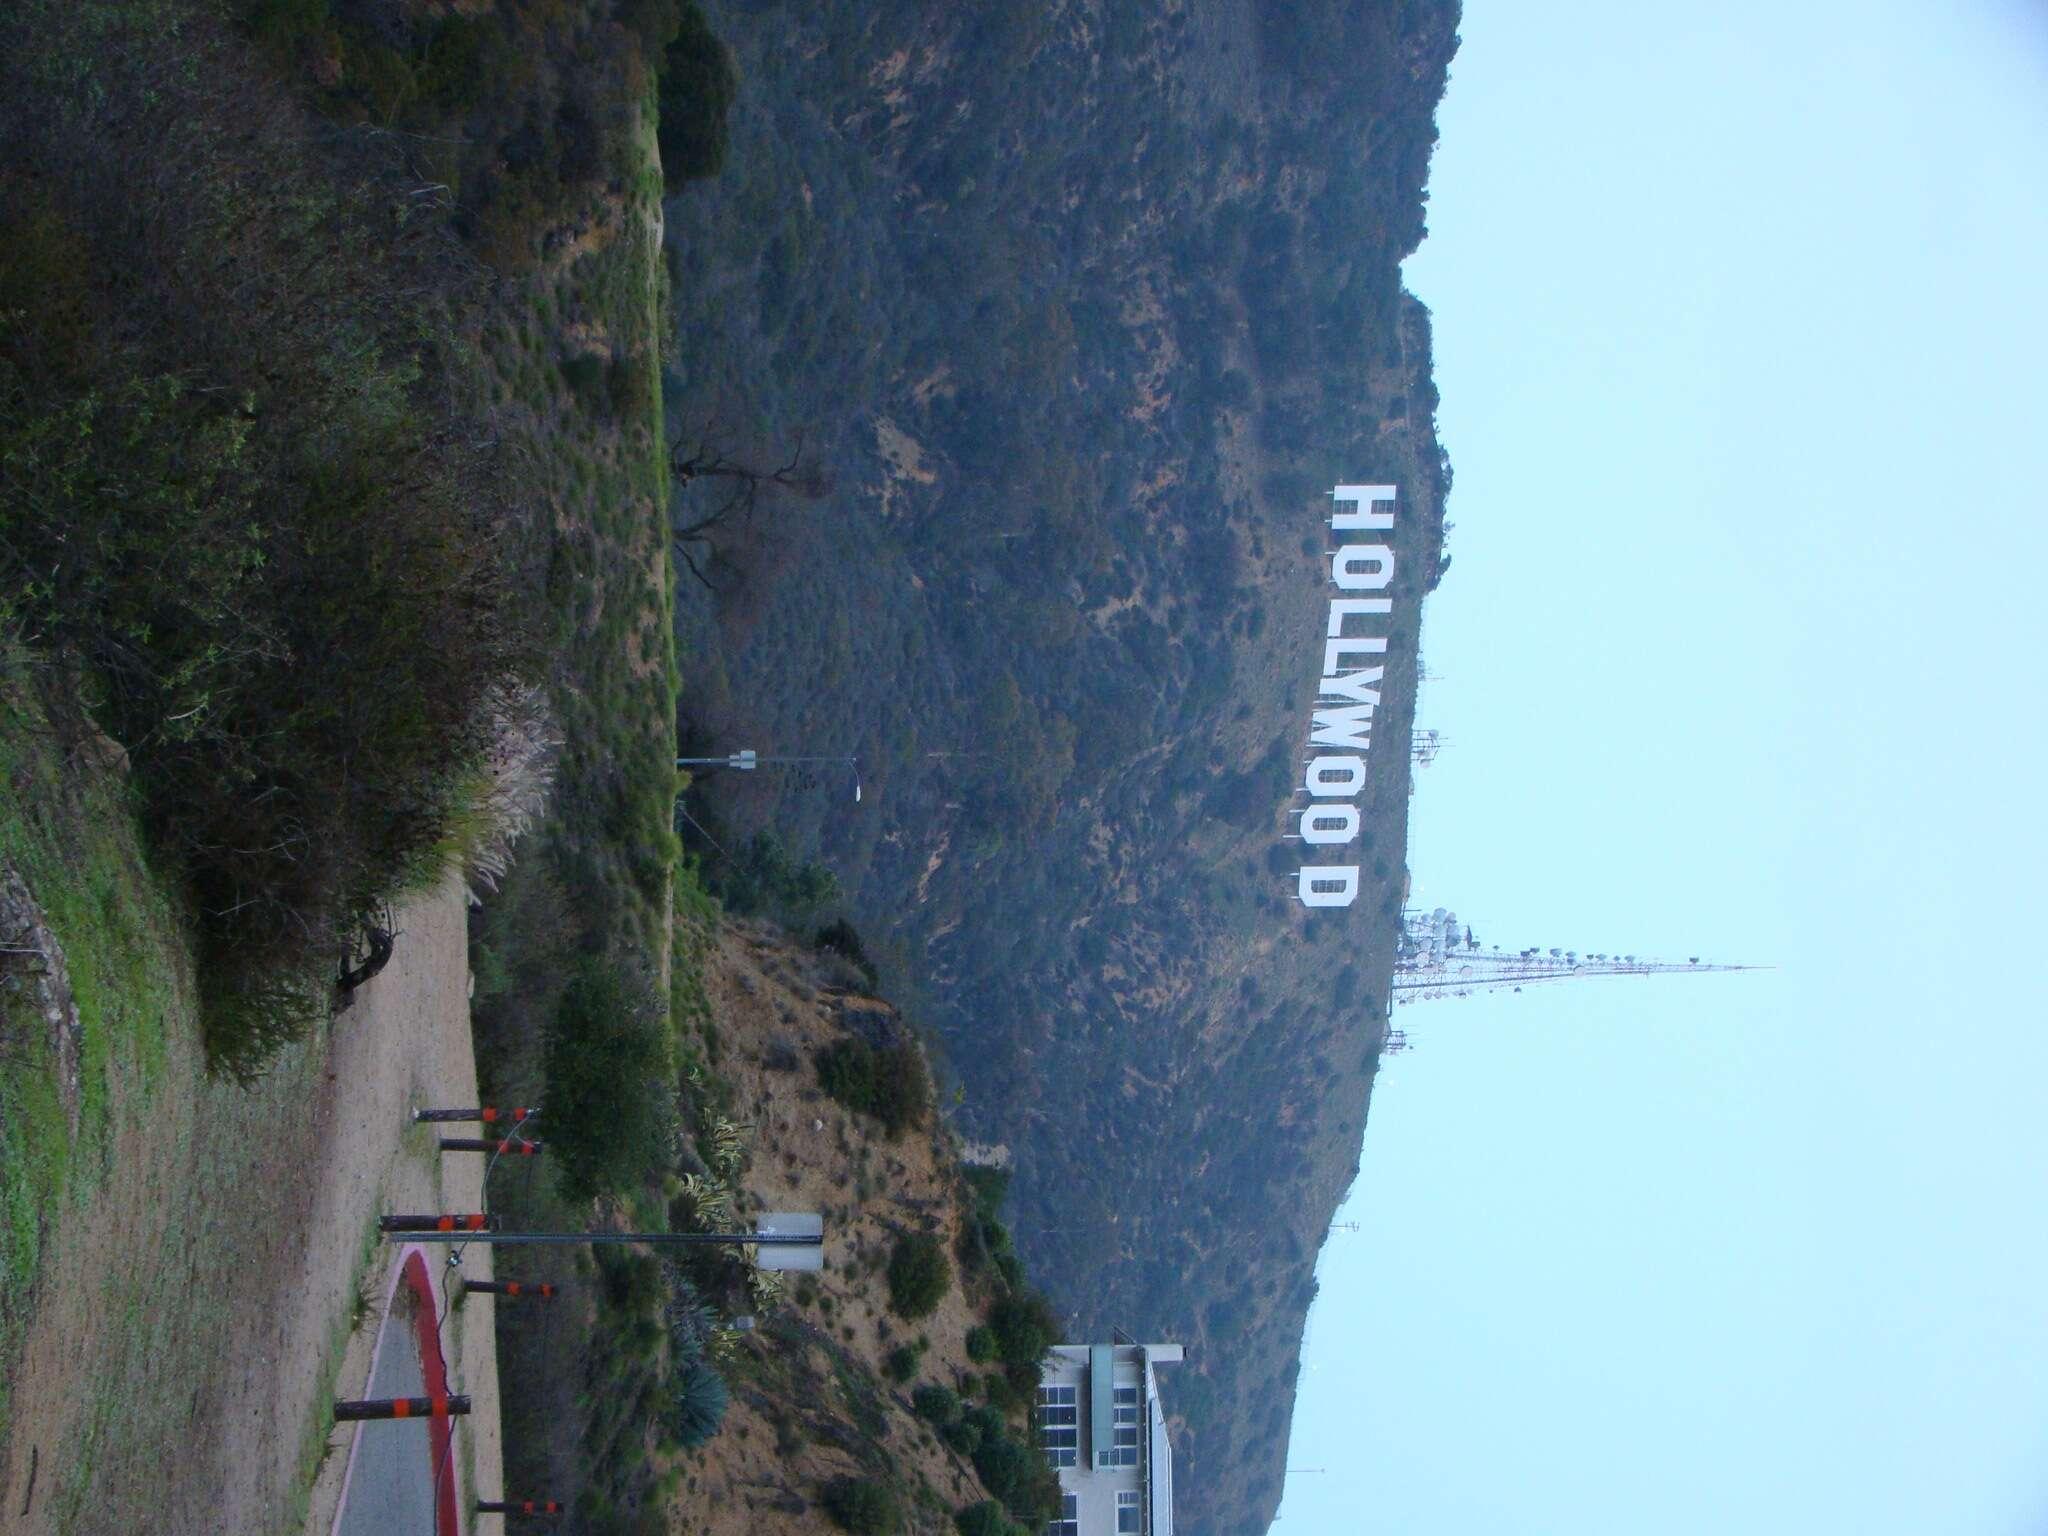 Placa de Hollywood - Los Angeles